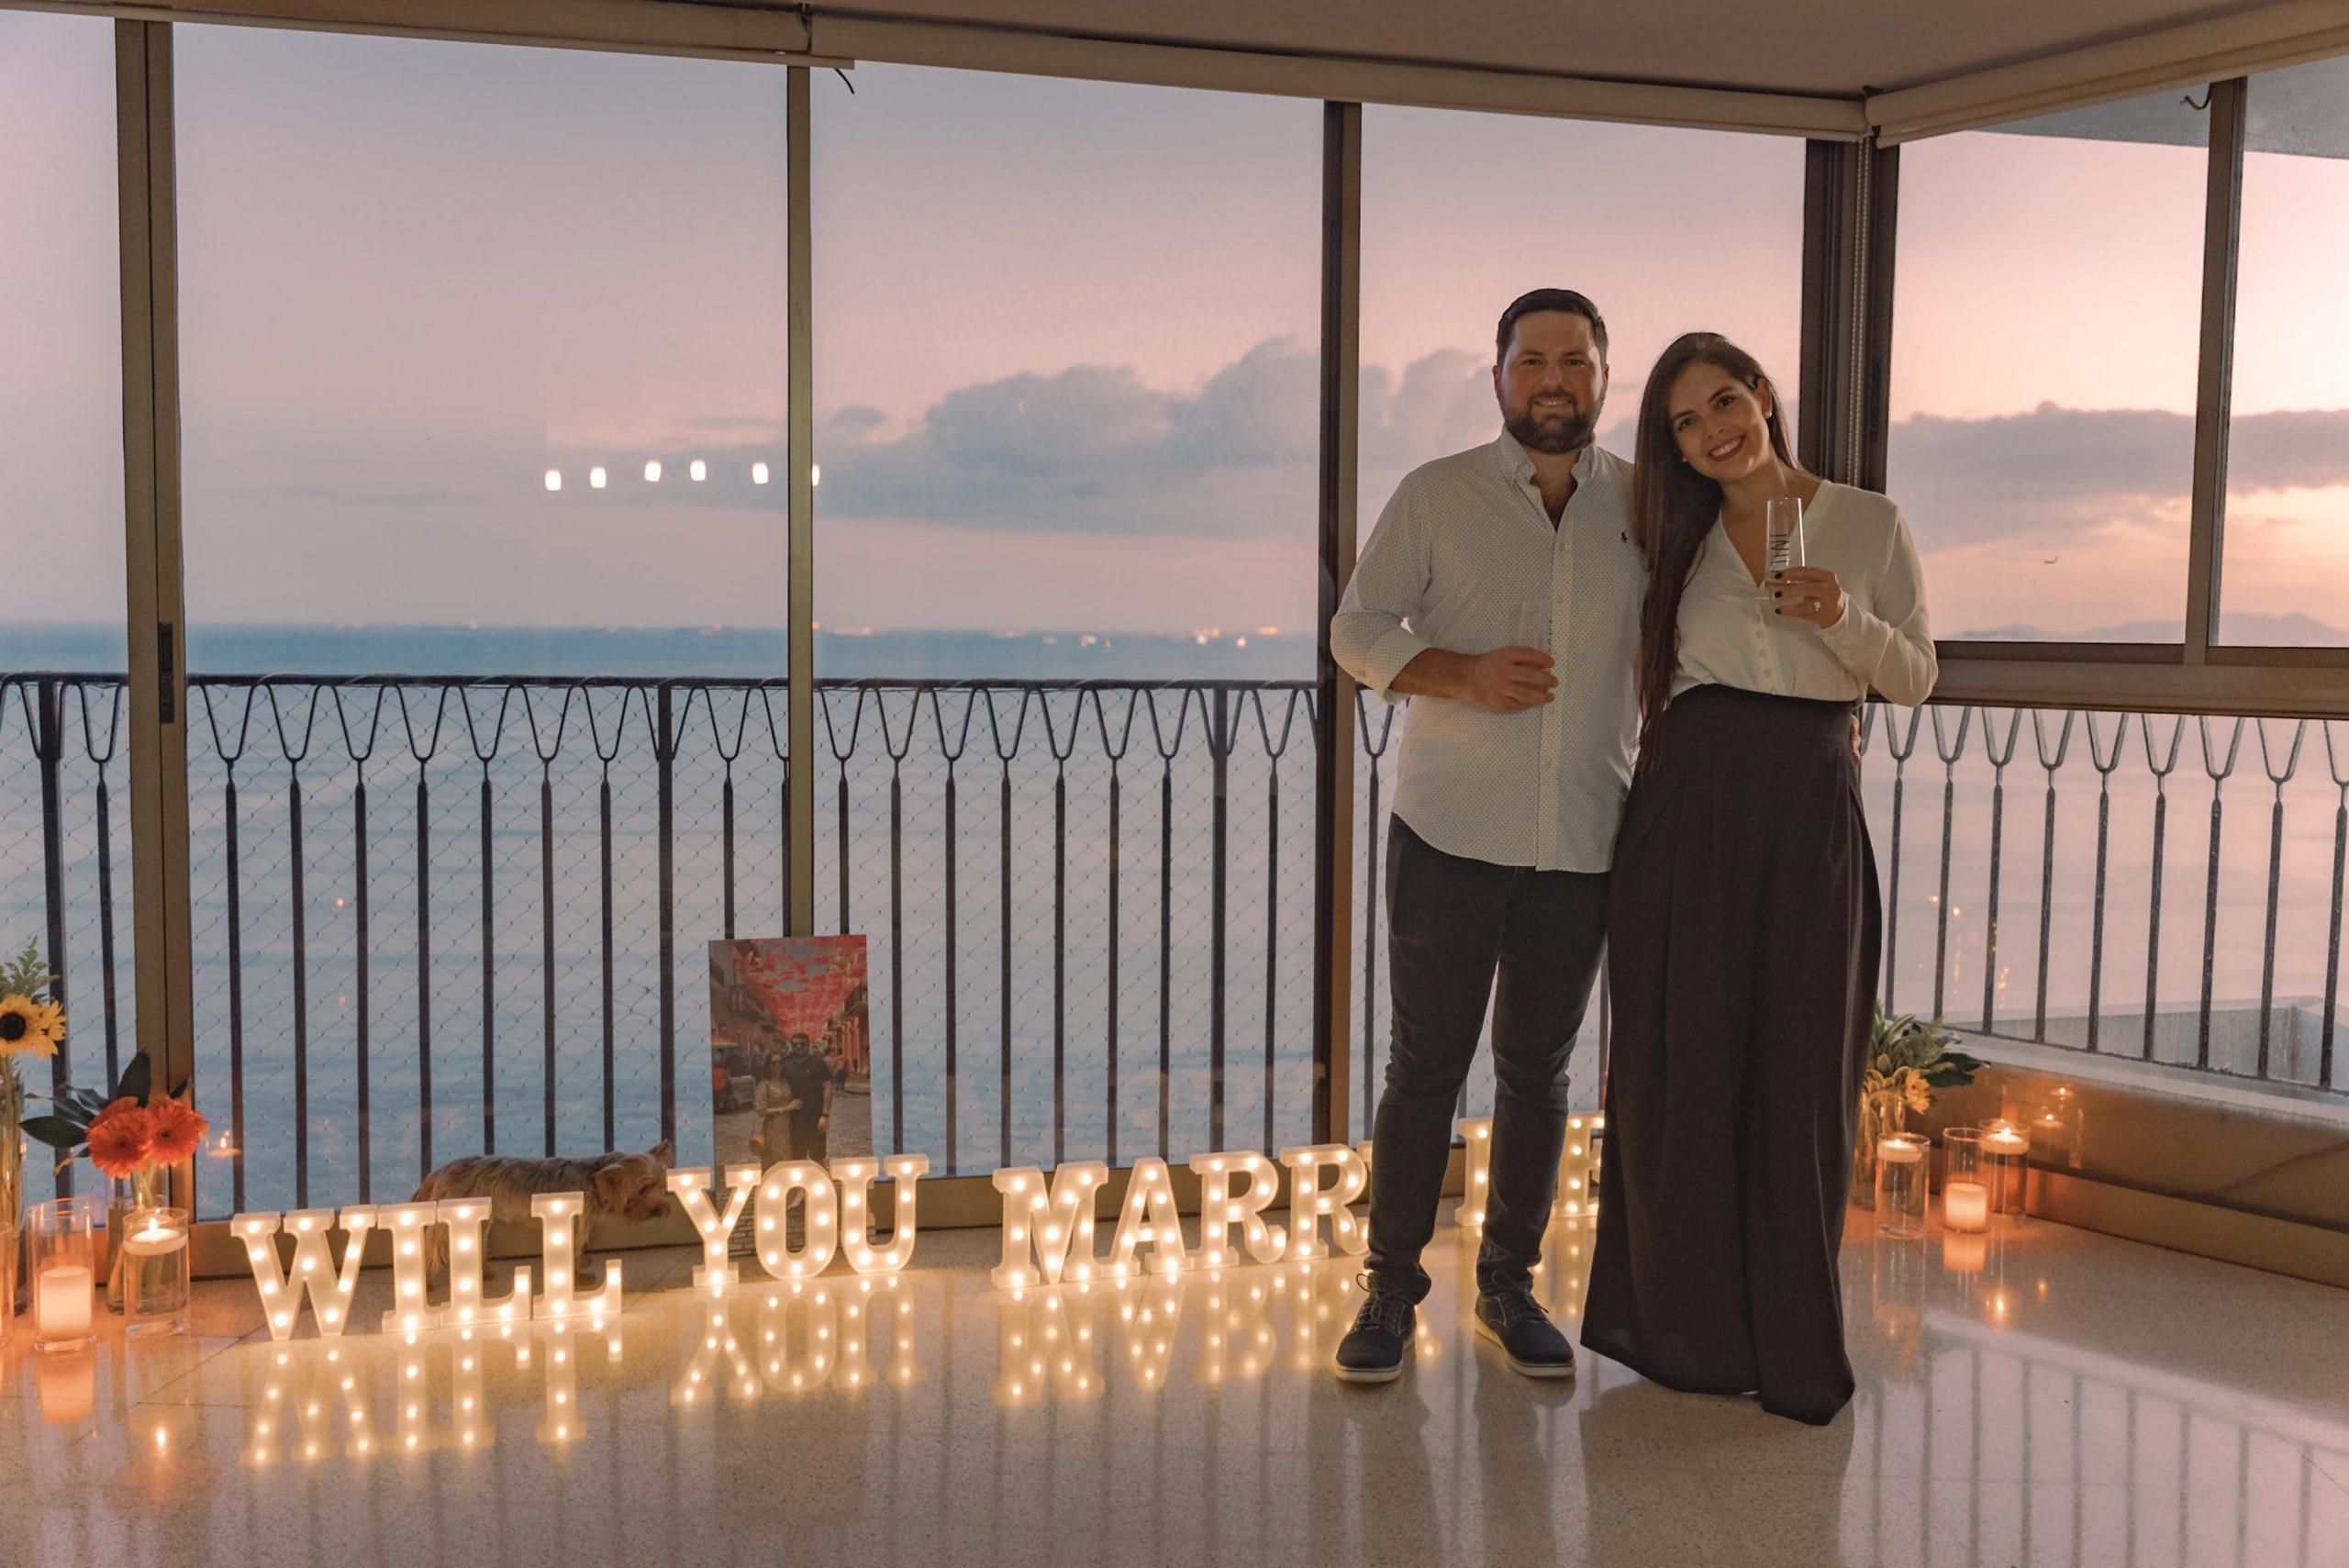 EVENTOS SOCIALES  | Propuesta matrimonial entre Thomas Julio Arosemena Callan y Analiz Moreno Arosemena